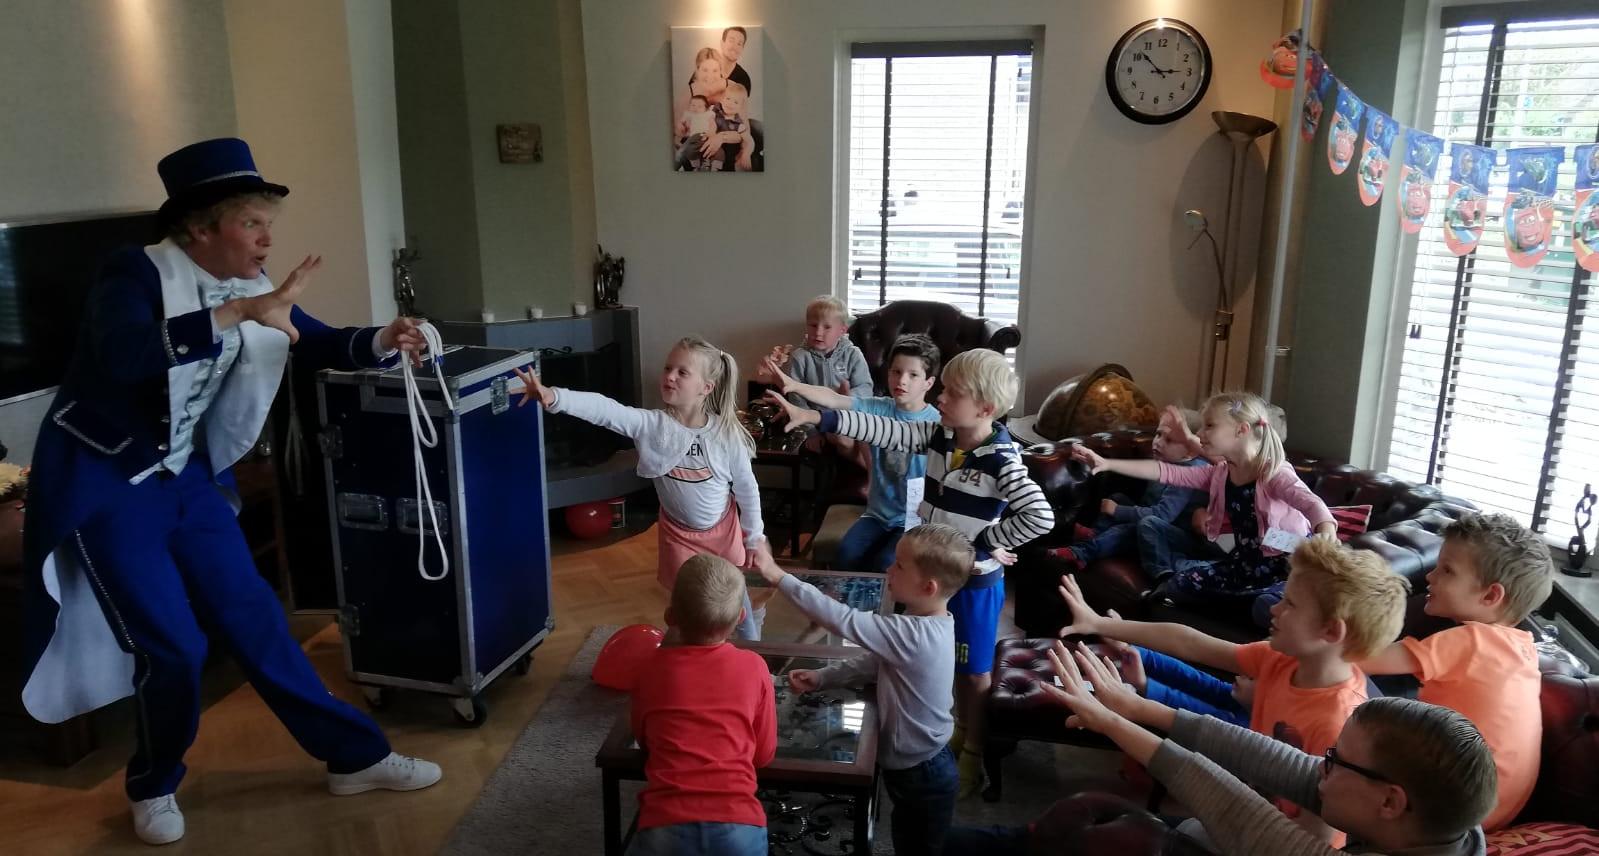 Kinderfeest goochelaar kinderfeest thuis